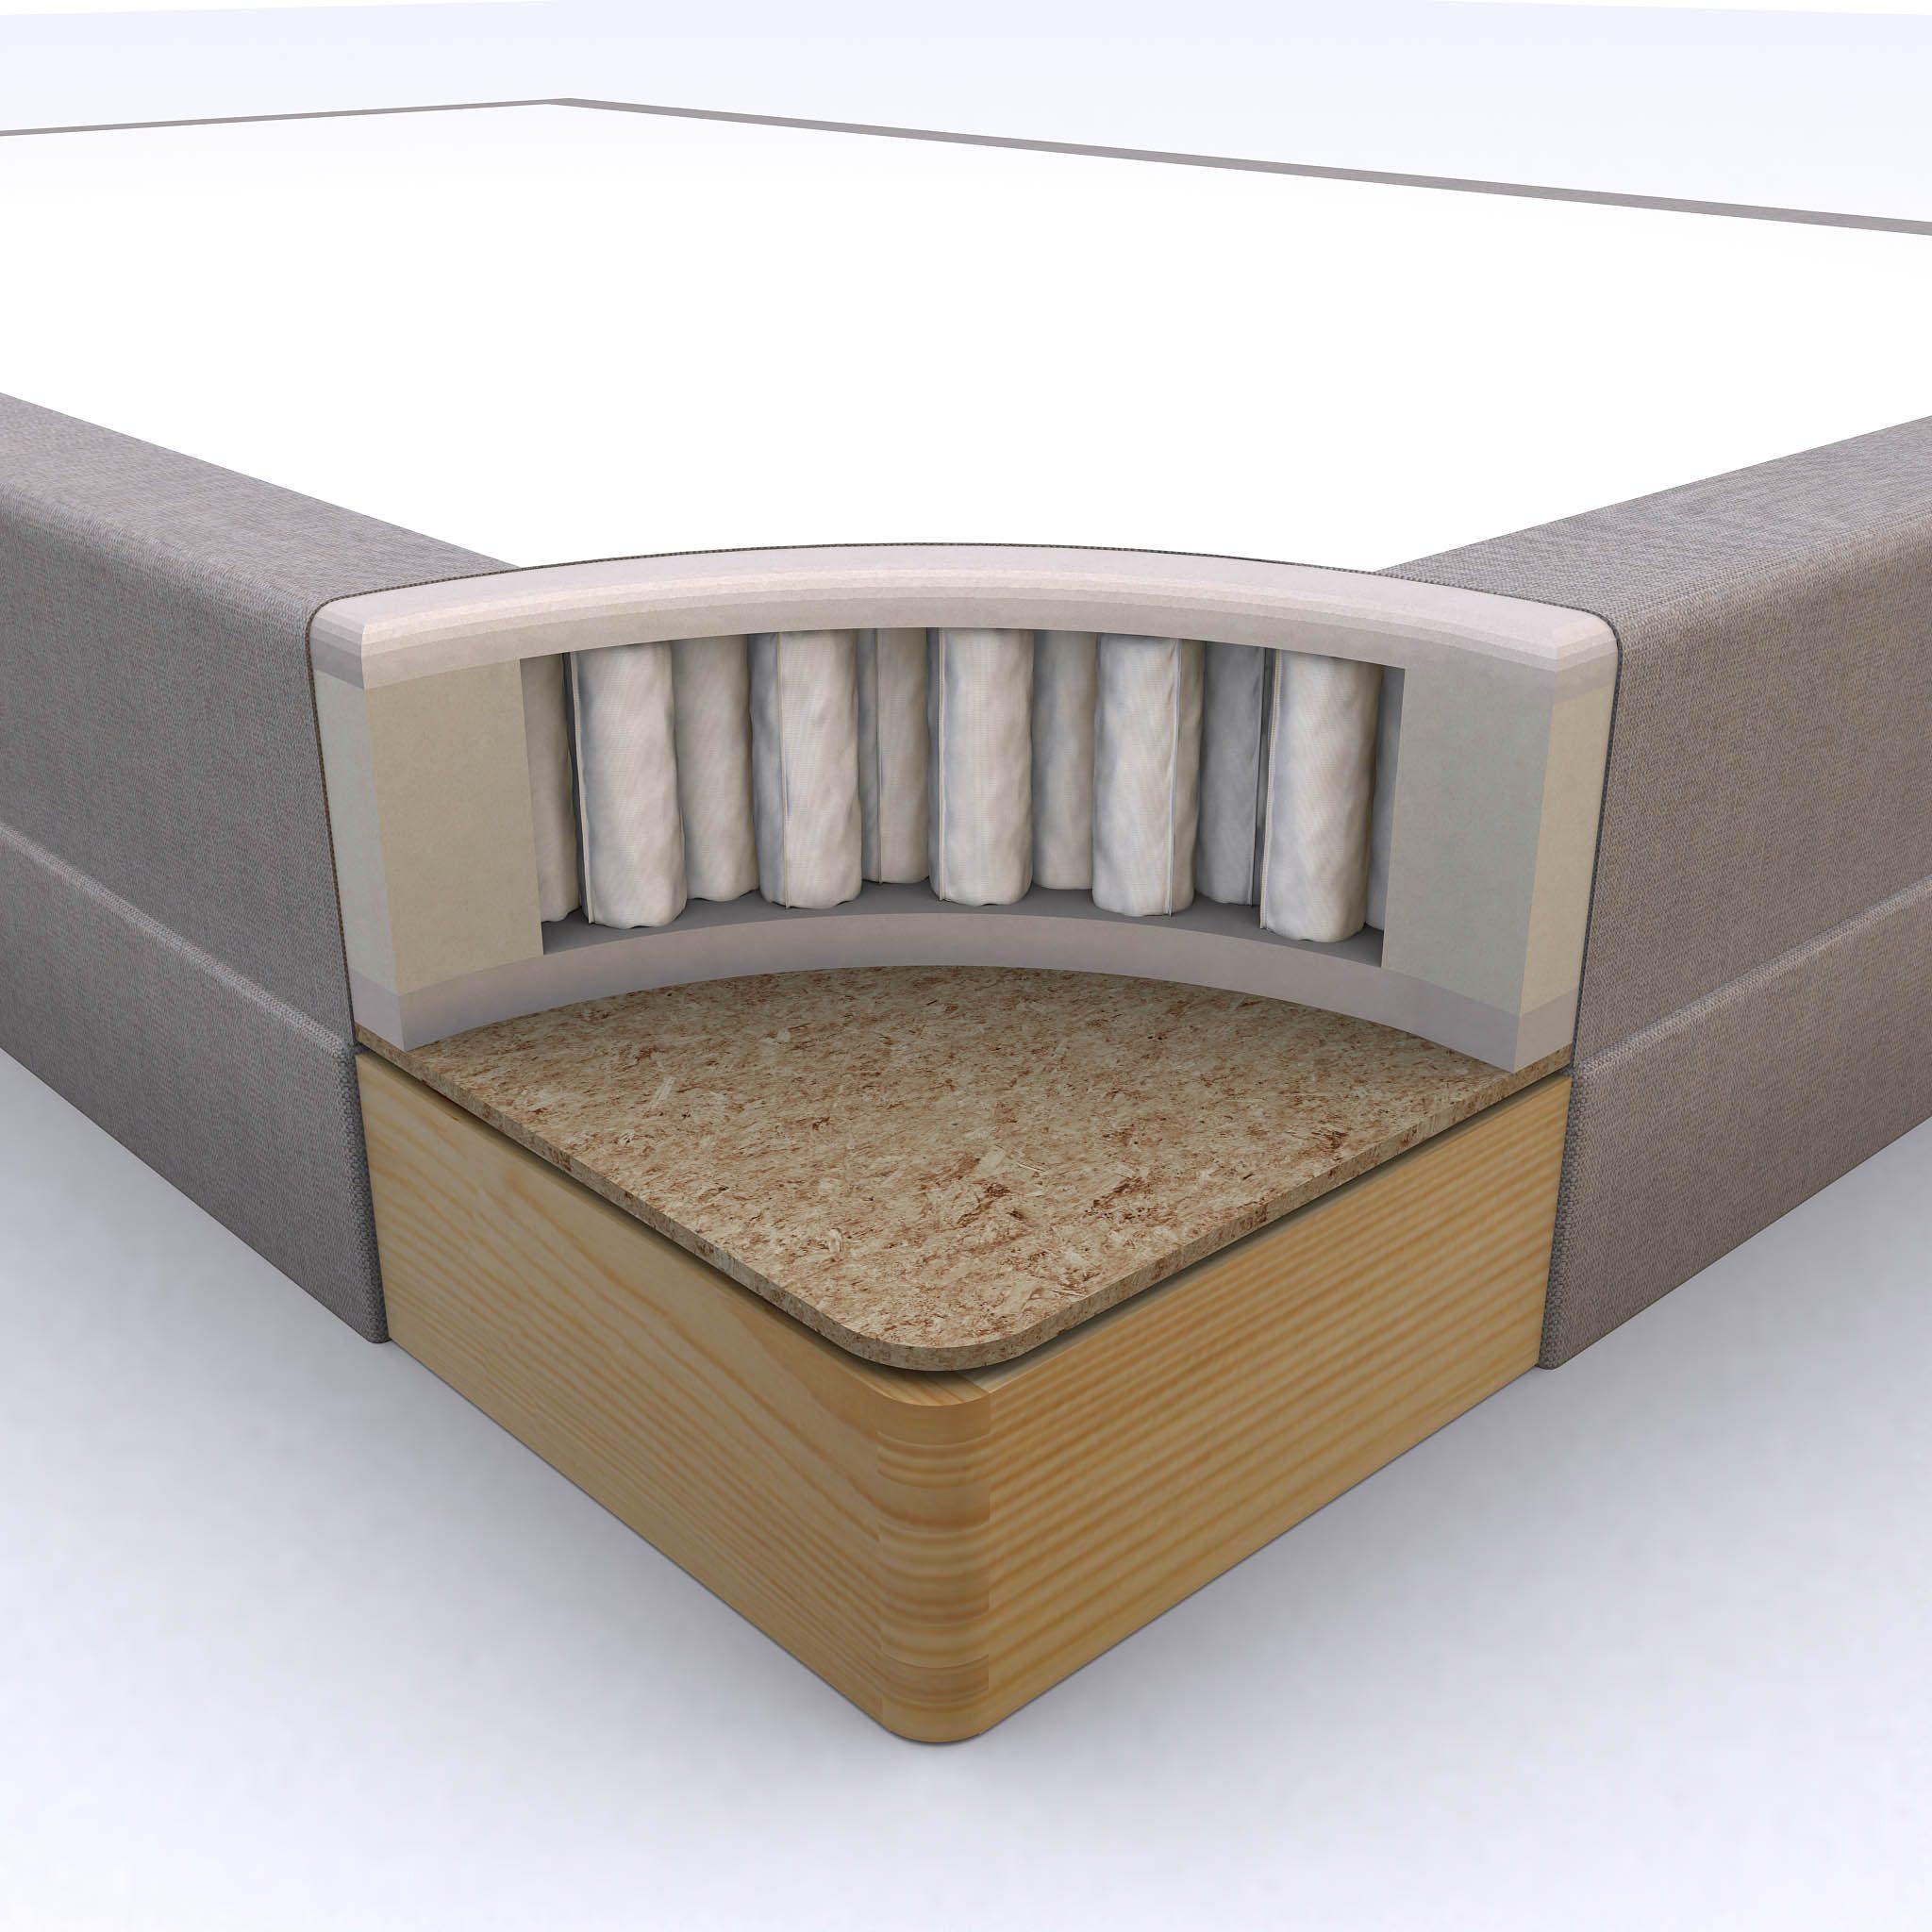 Genomskärning av Essens ställbar säng.